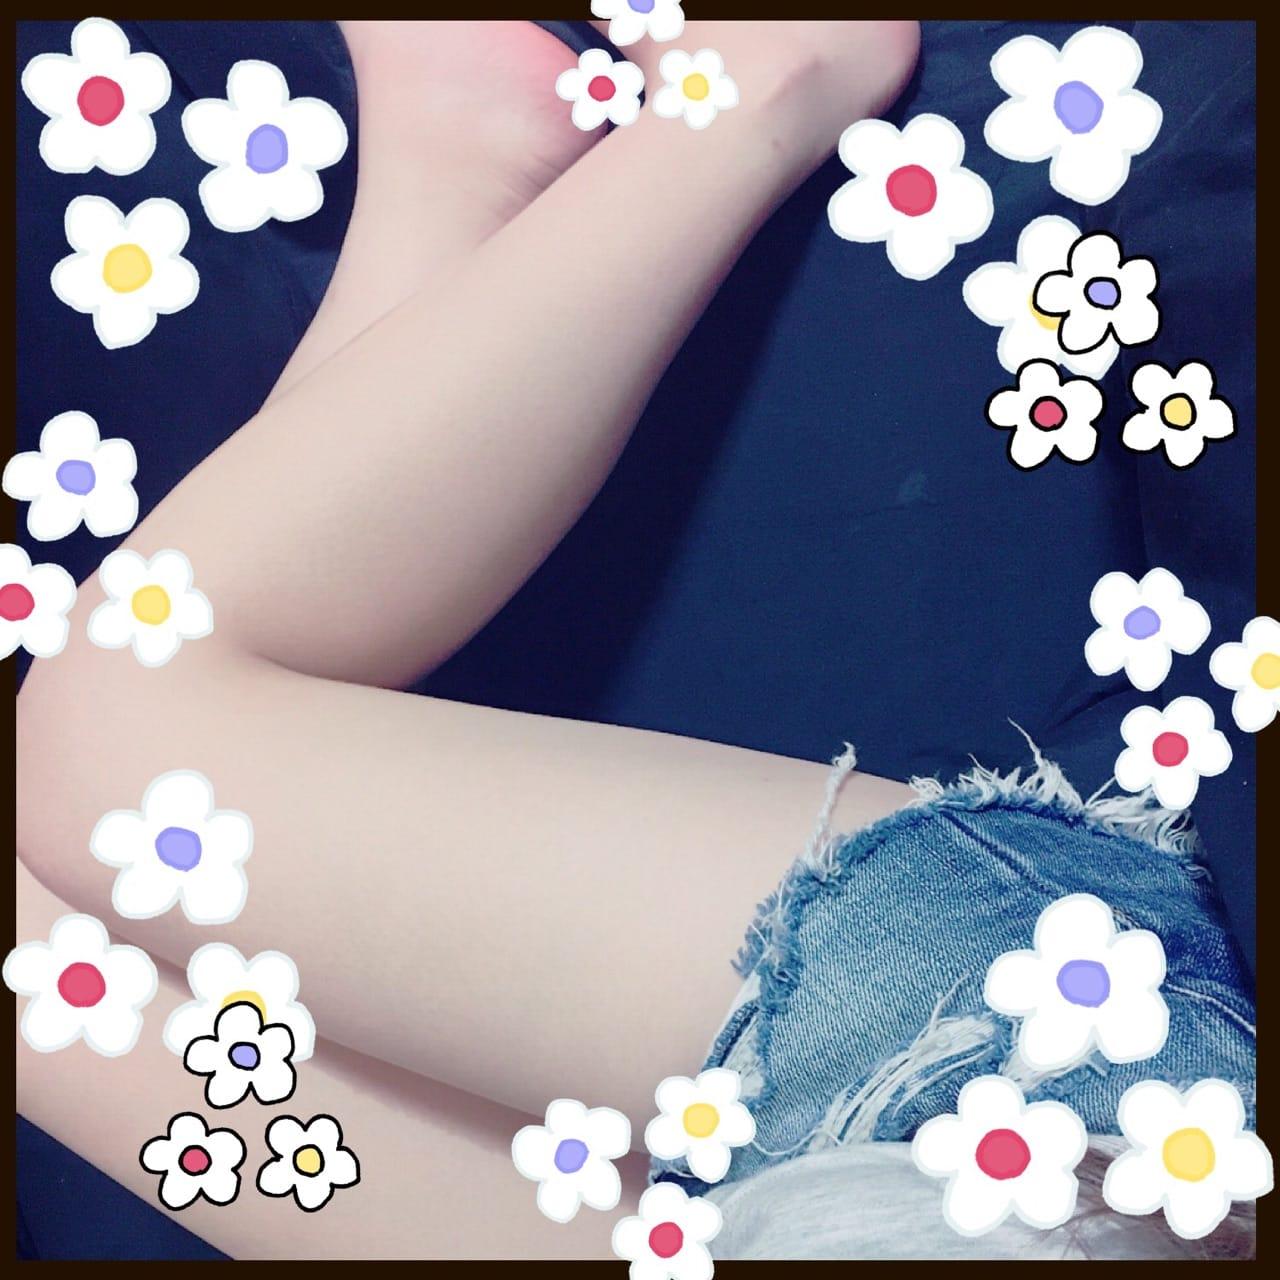 らん☆F乳くびれ無敵未経験♪「*」12/17(日) 17:53   らん☆F乳くびれ無敵未経験♪の写メ・風俗動画